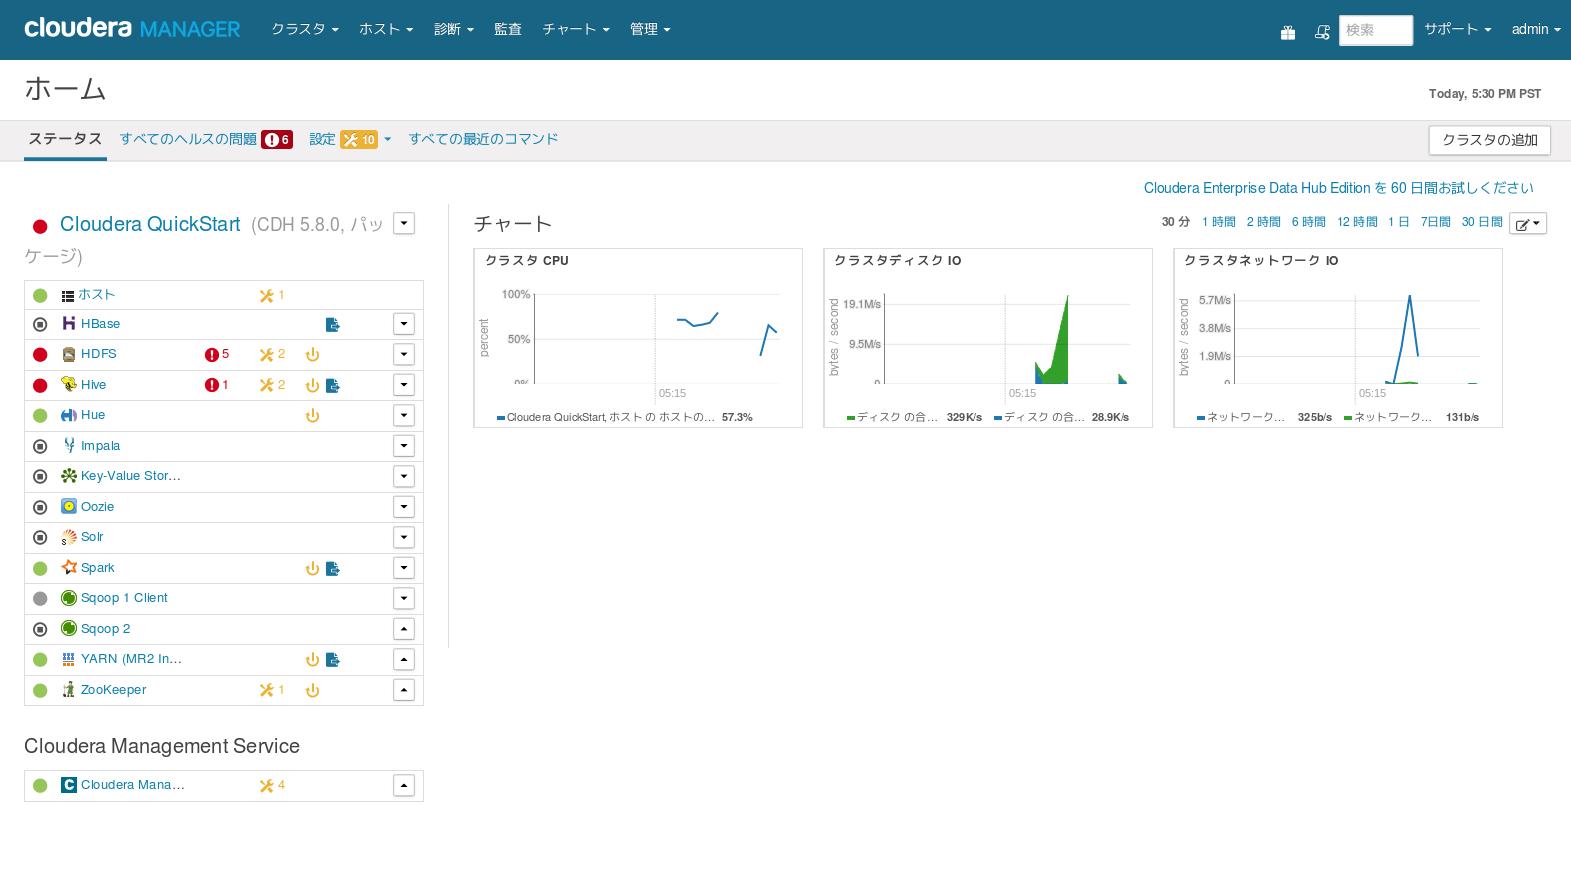 FireShot Capture 021 - ホーム - Cloudera Manager - http___quickstart.cloudera_7180_cmf_home.png